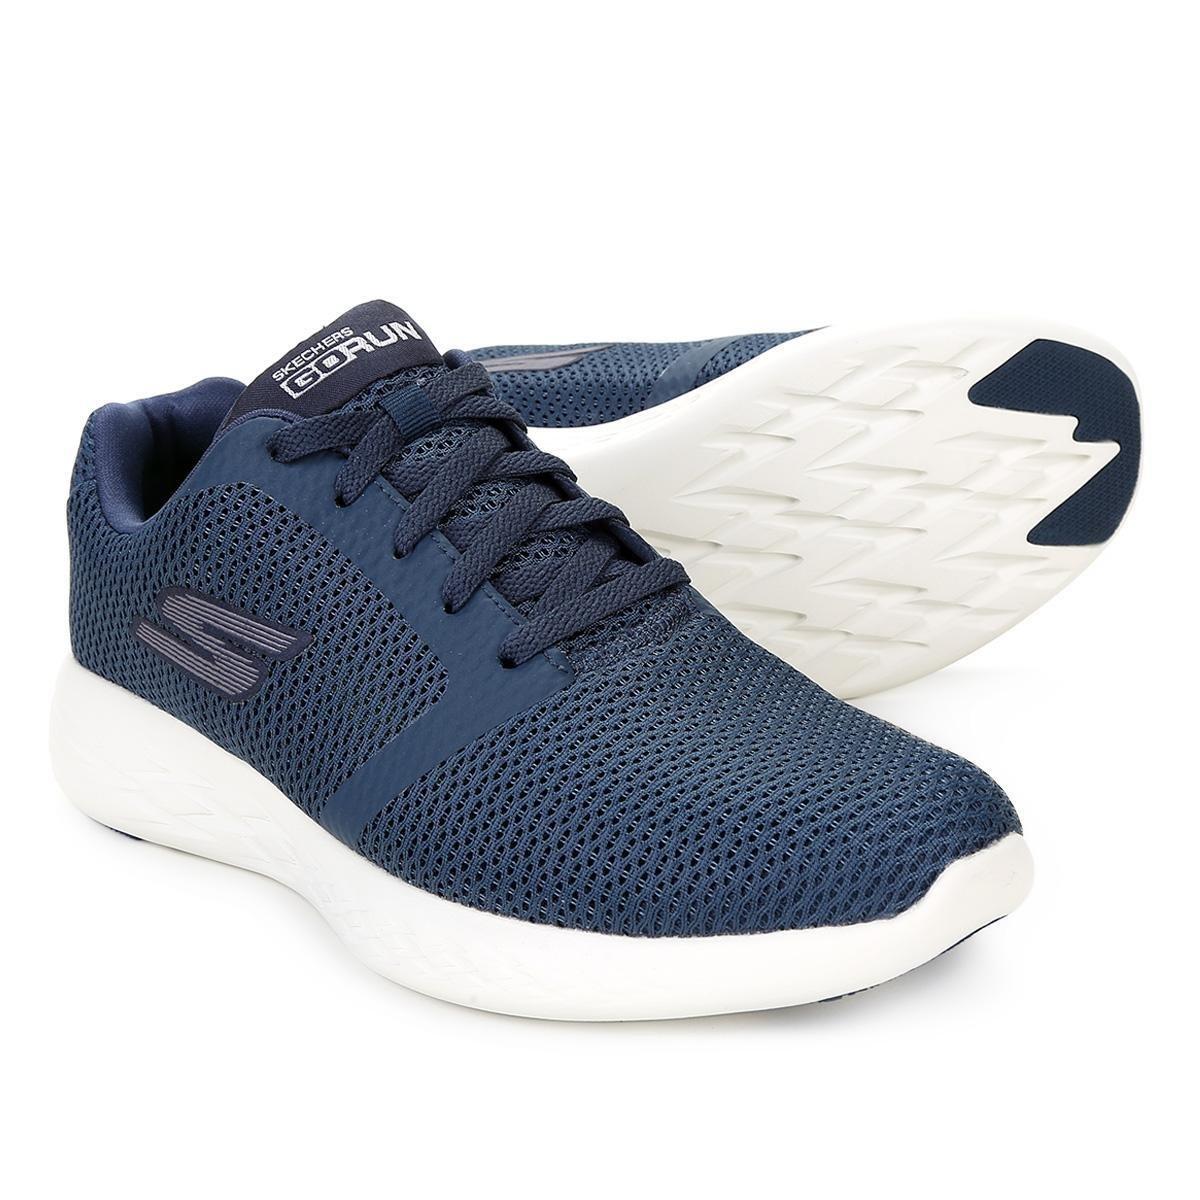 de874adab Tênis Skechers Go Run 600 Refine Masculino - Azul Escuro - Compre Agora